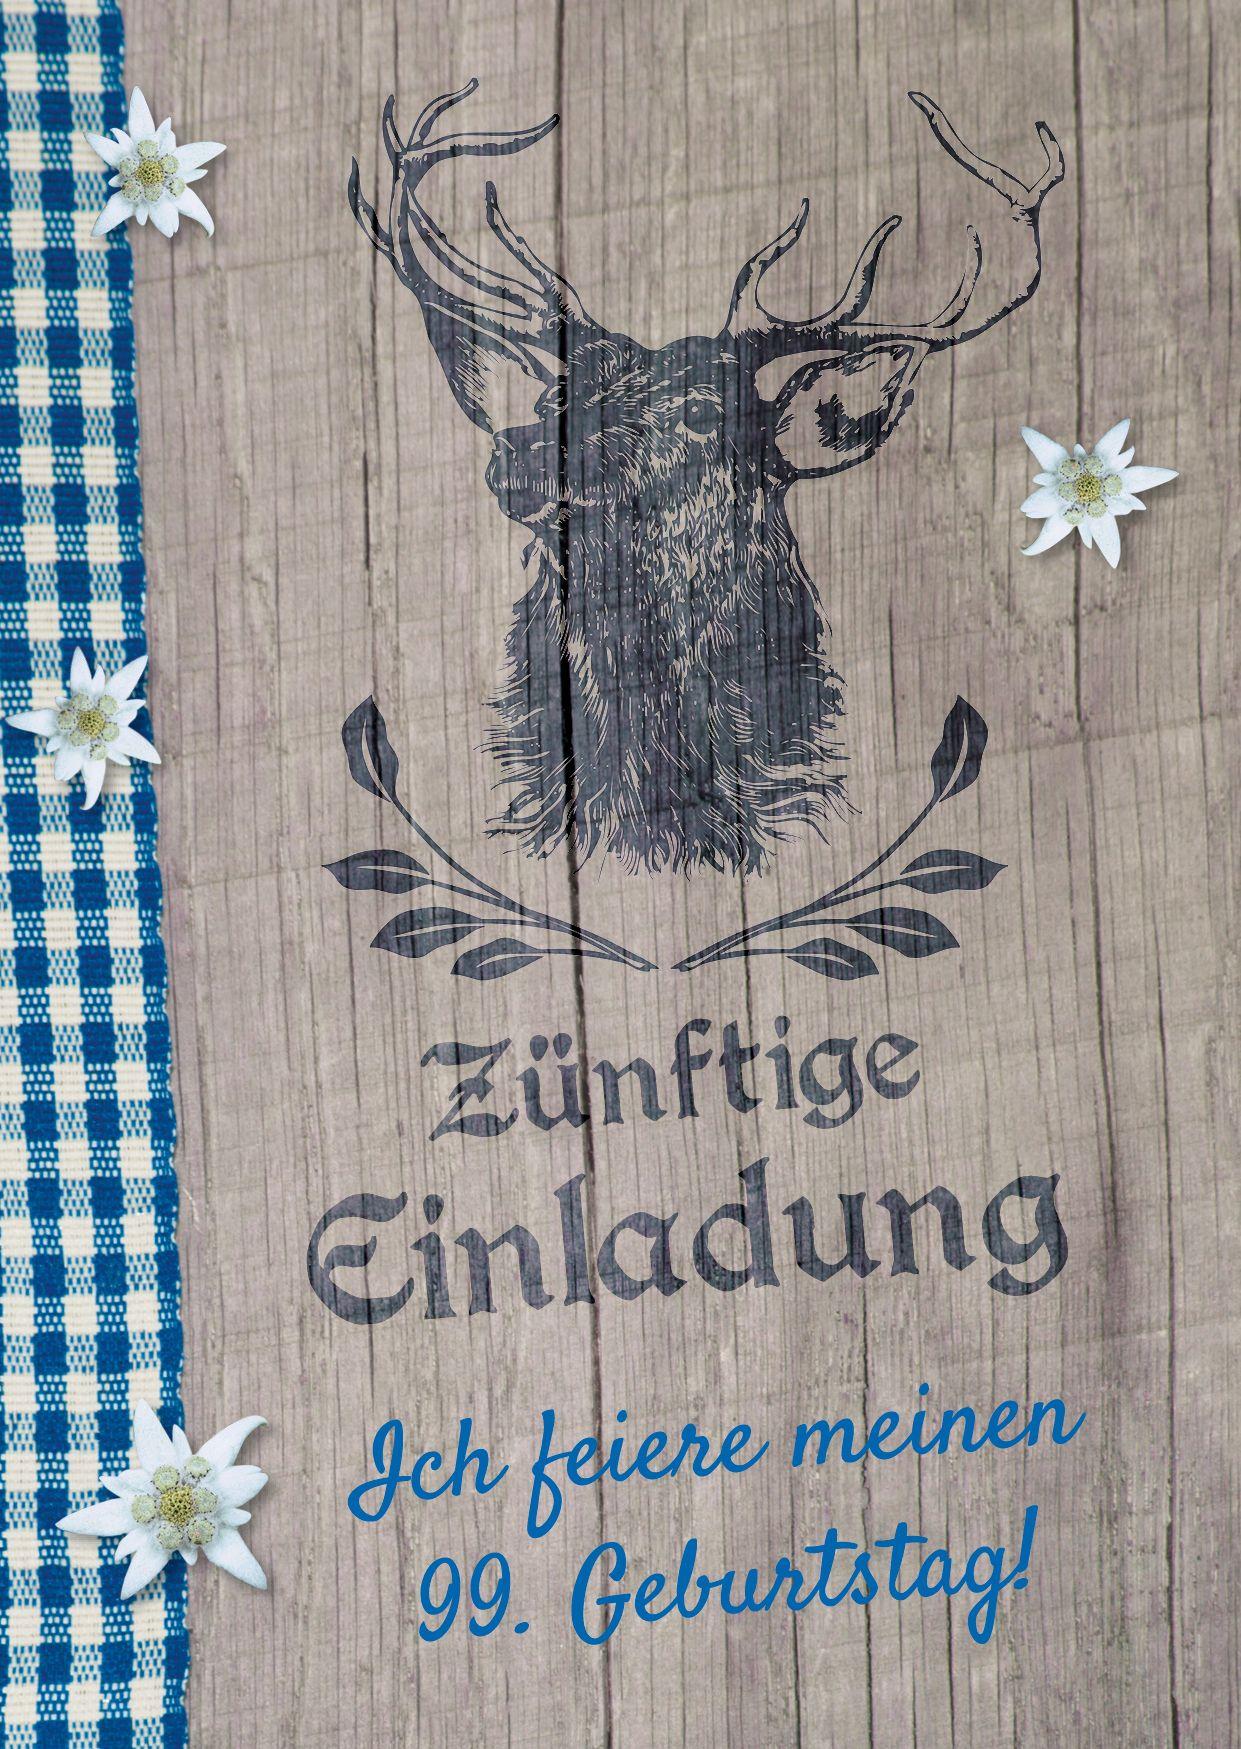 Bayerische Einladungskarte Zu Oktoberfest Weisswurstfruhstuck Oder Bayerischem Abend Fur Geburtstag Und Co Oktoberfest Einladung Einladungen Einladungskarten